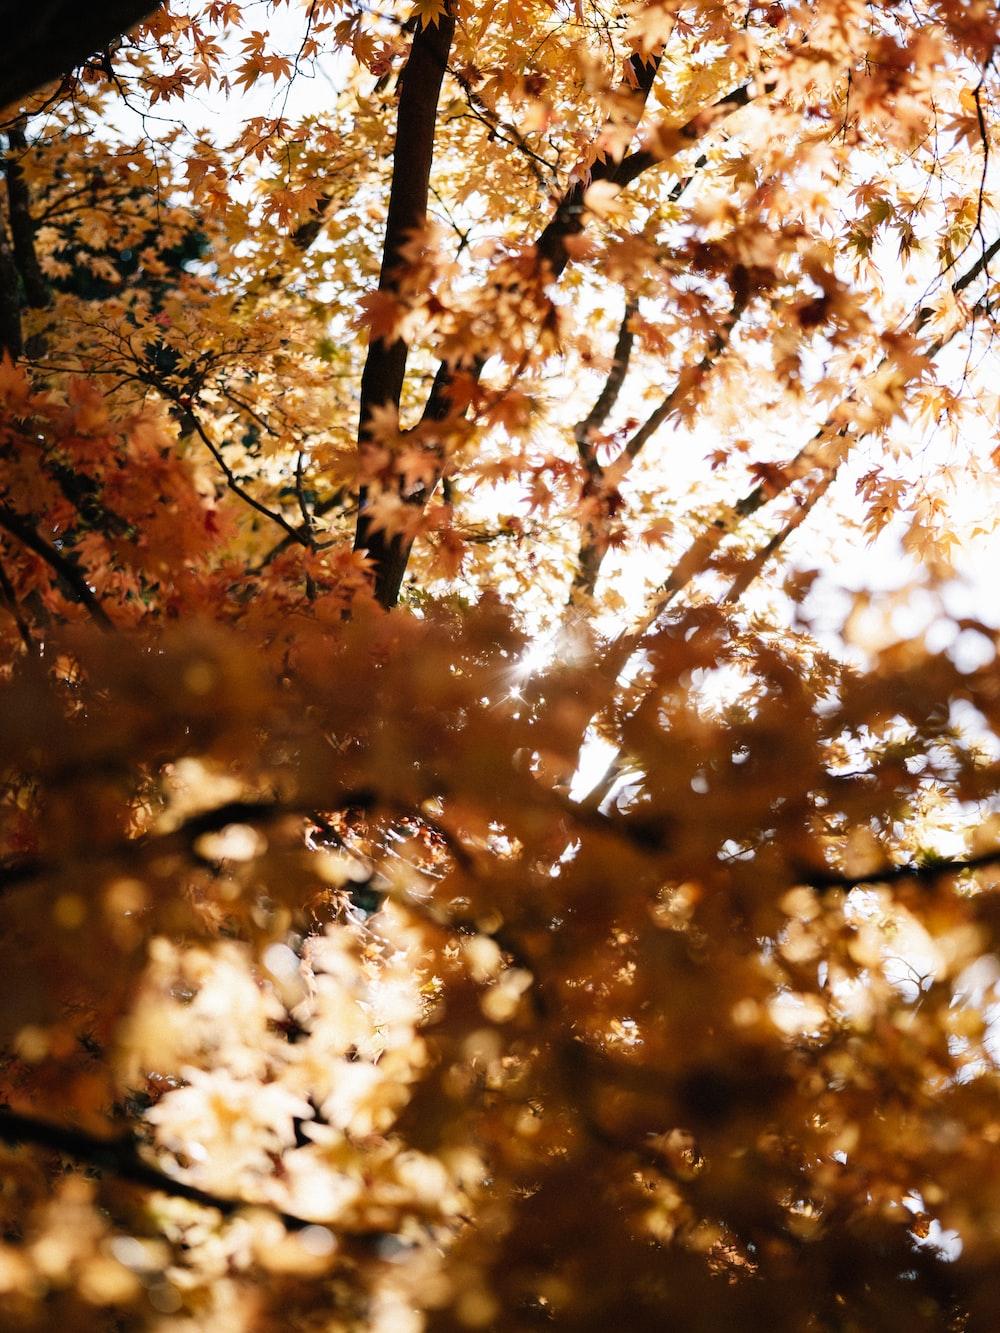 brown leaves on brown tree